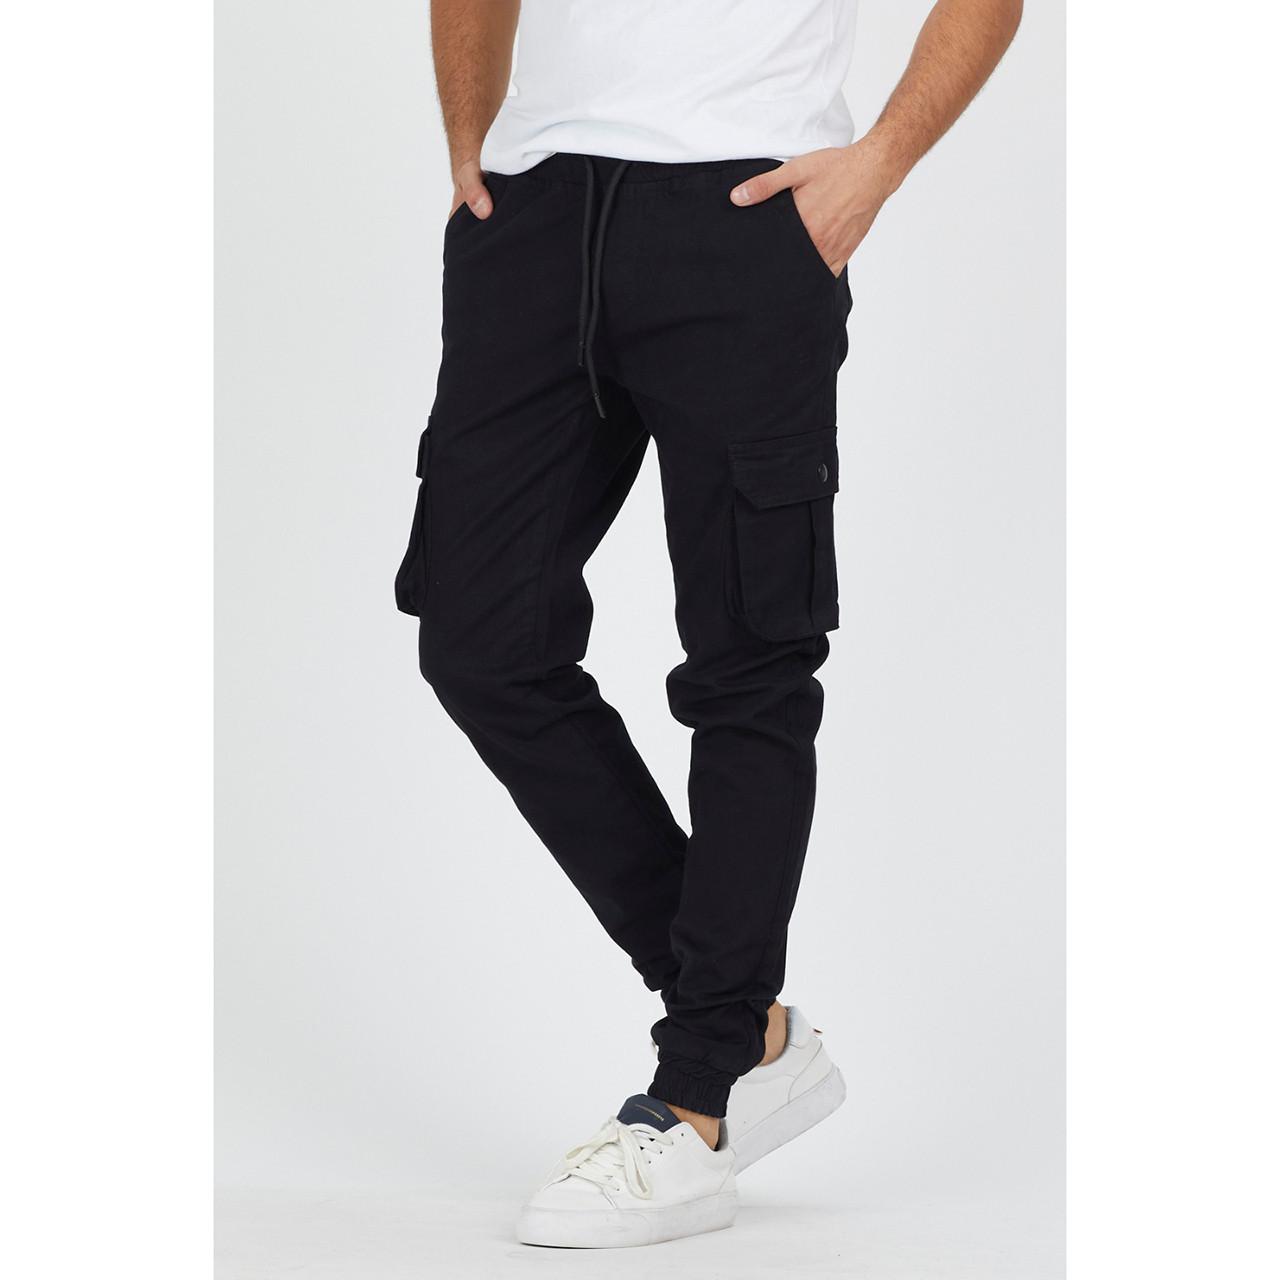 Джоггеры мужские подростковые  хаки хлопковые стильные брюки с карманами на бедре